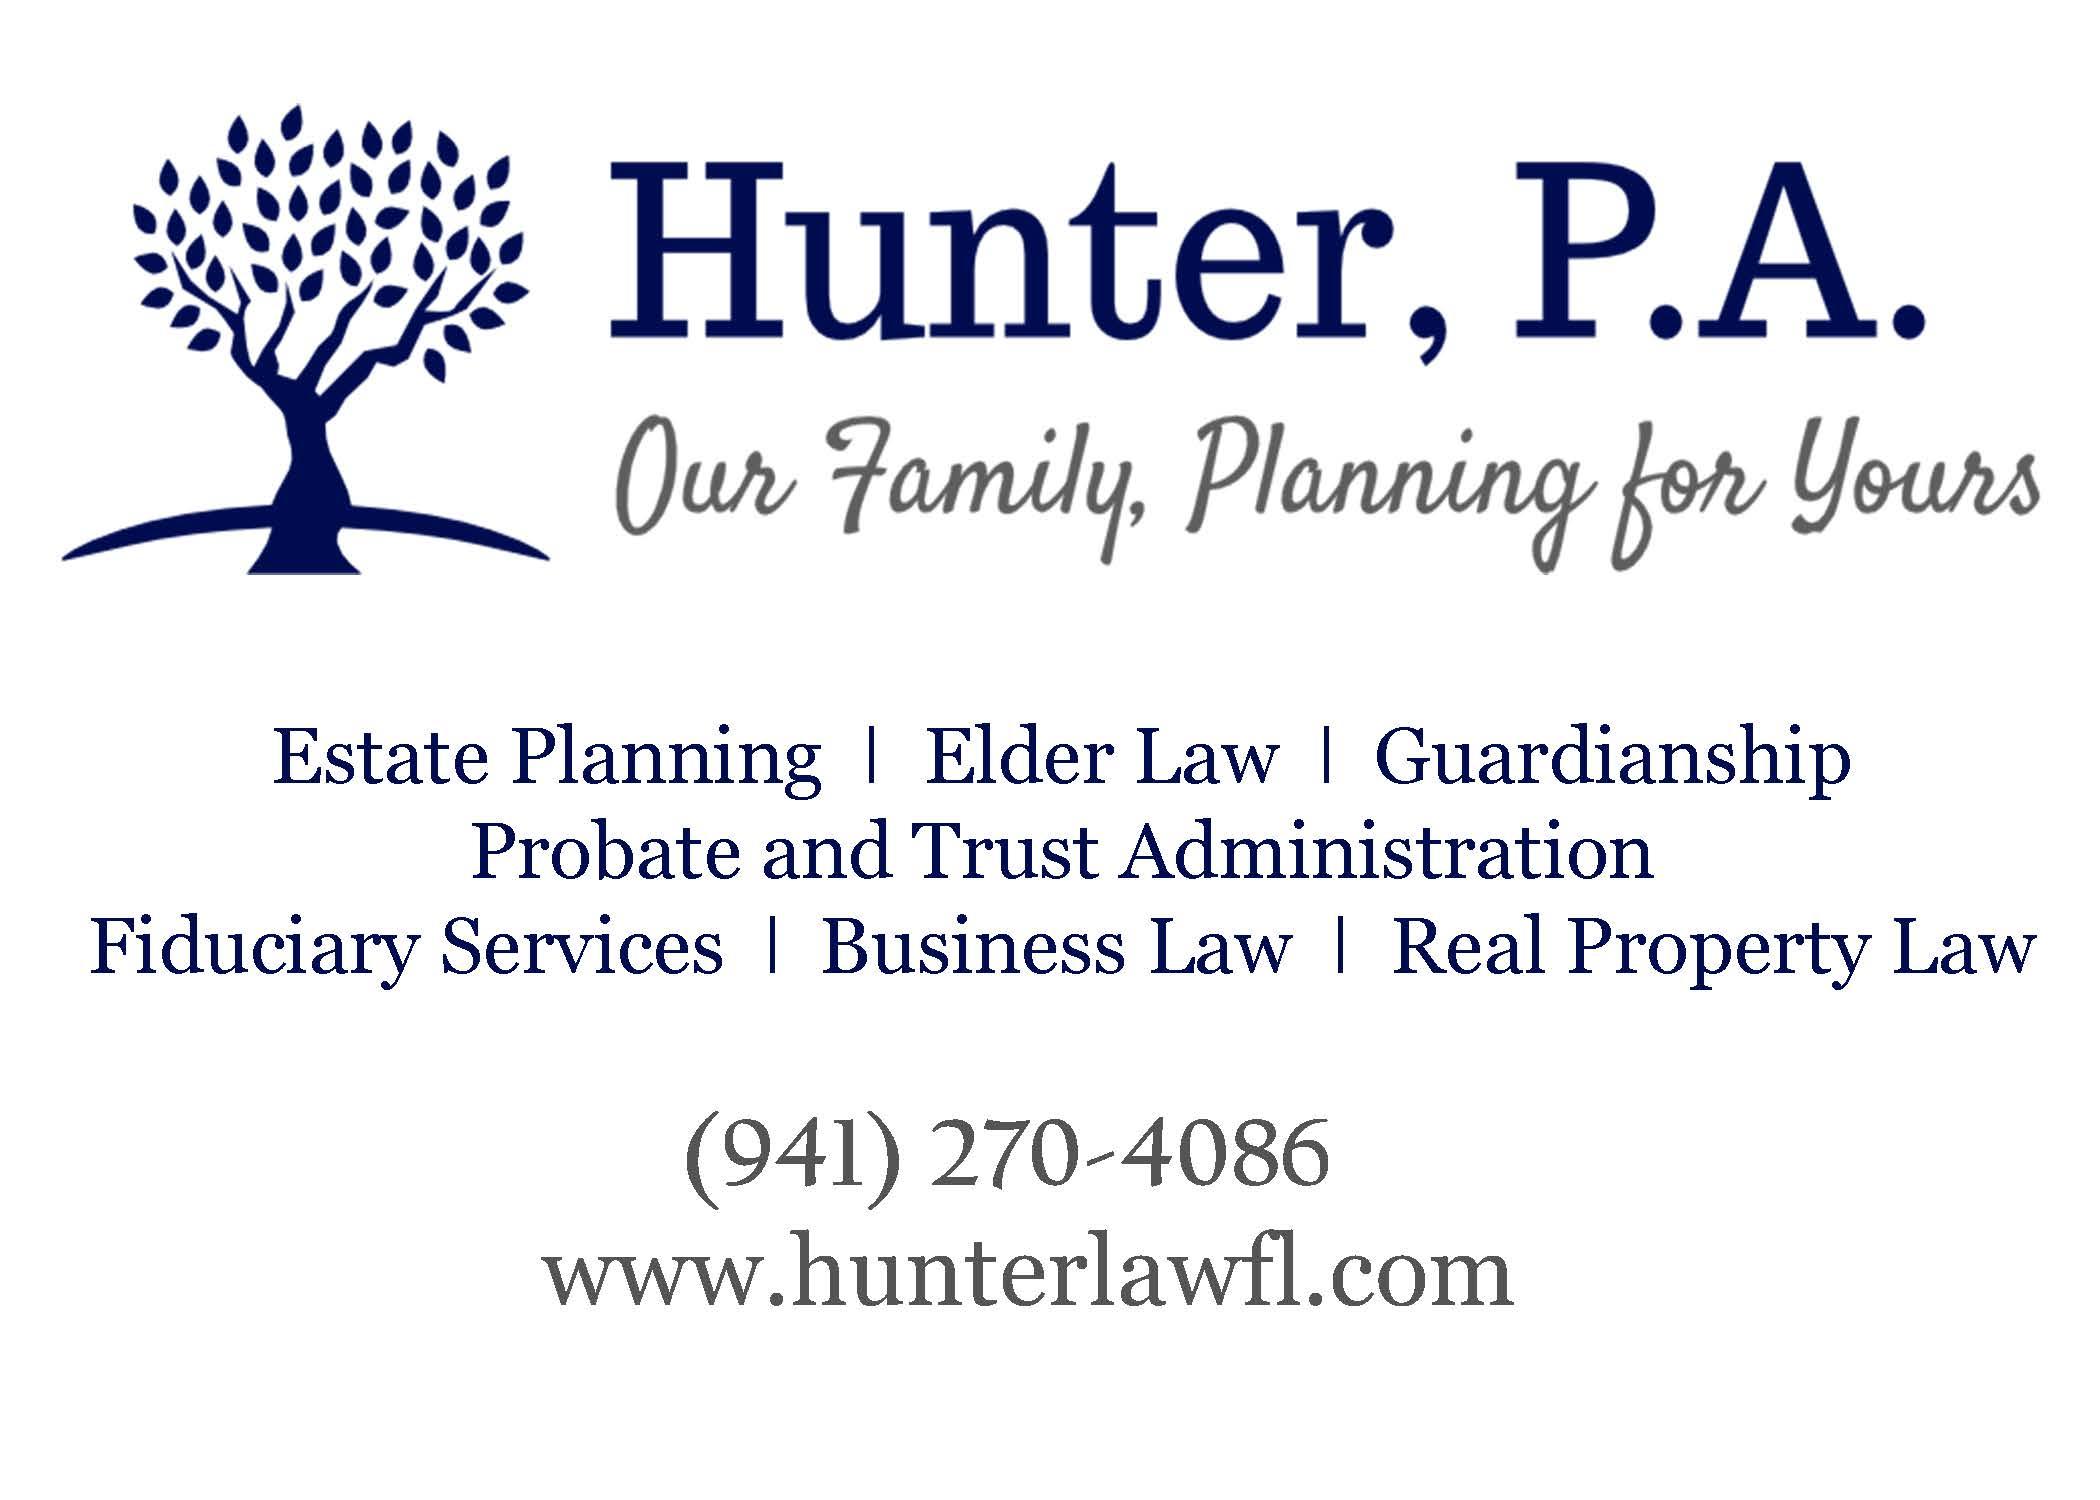 Hunter PA